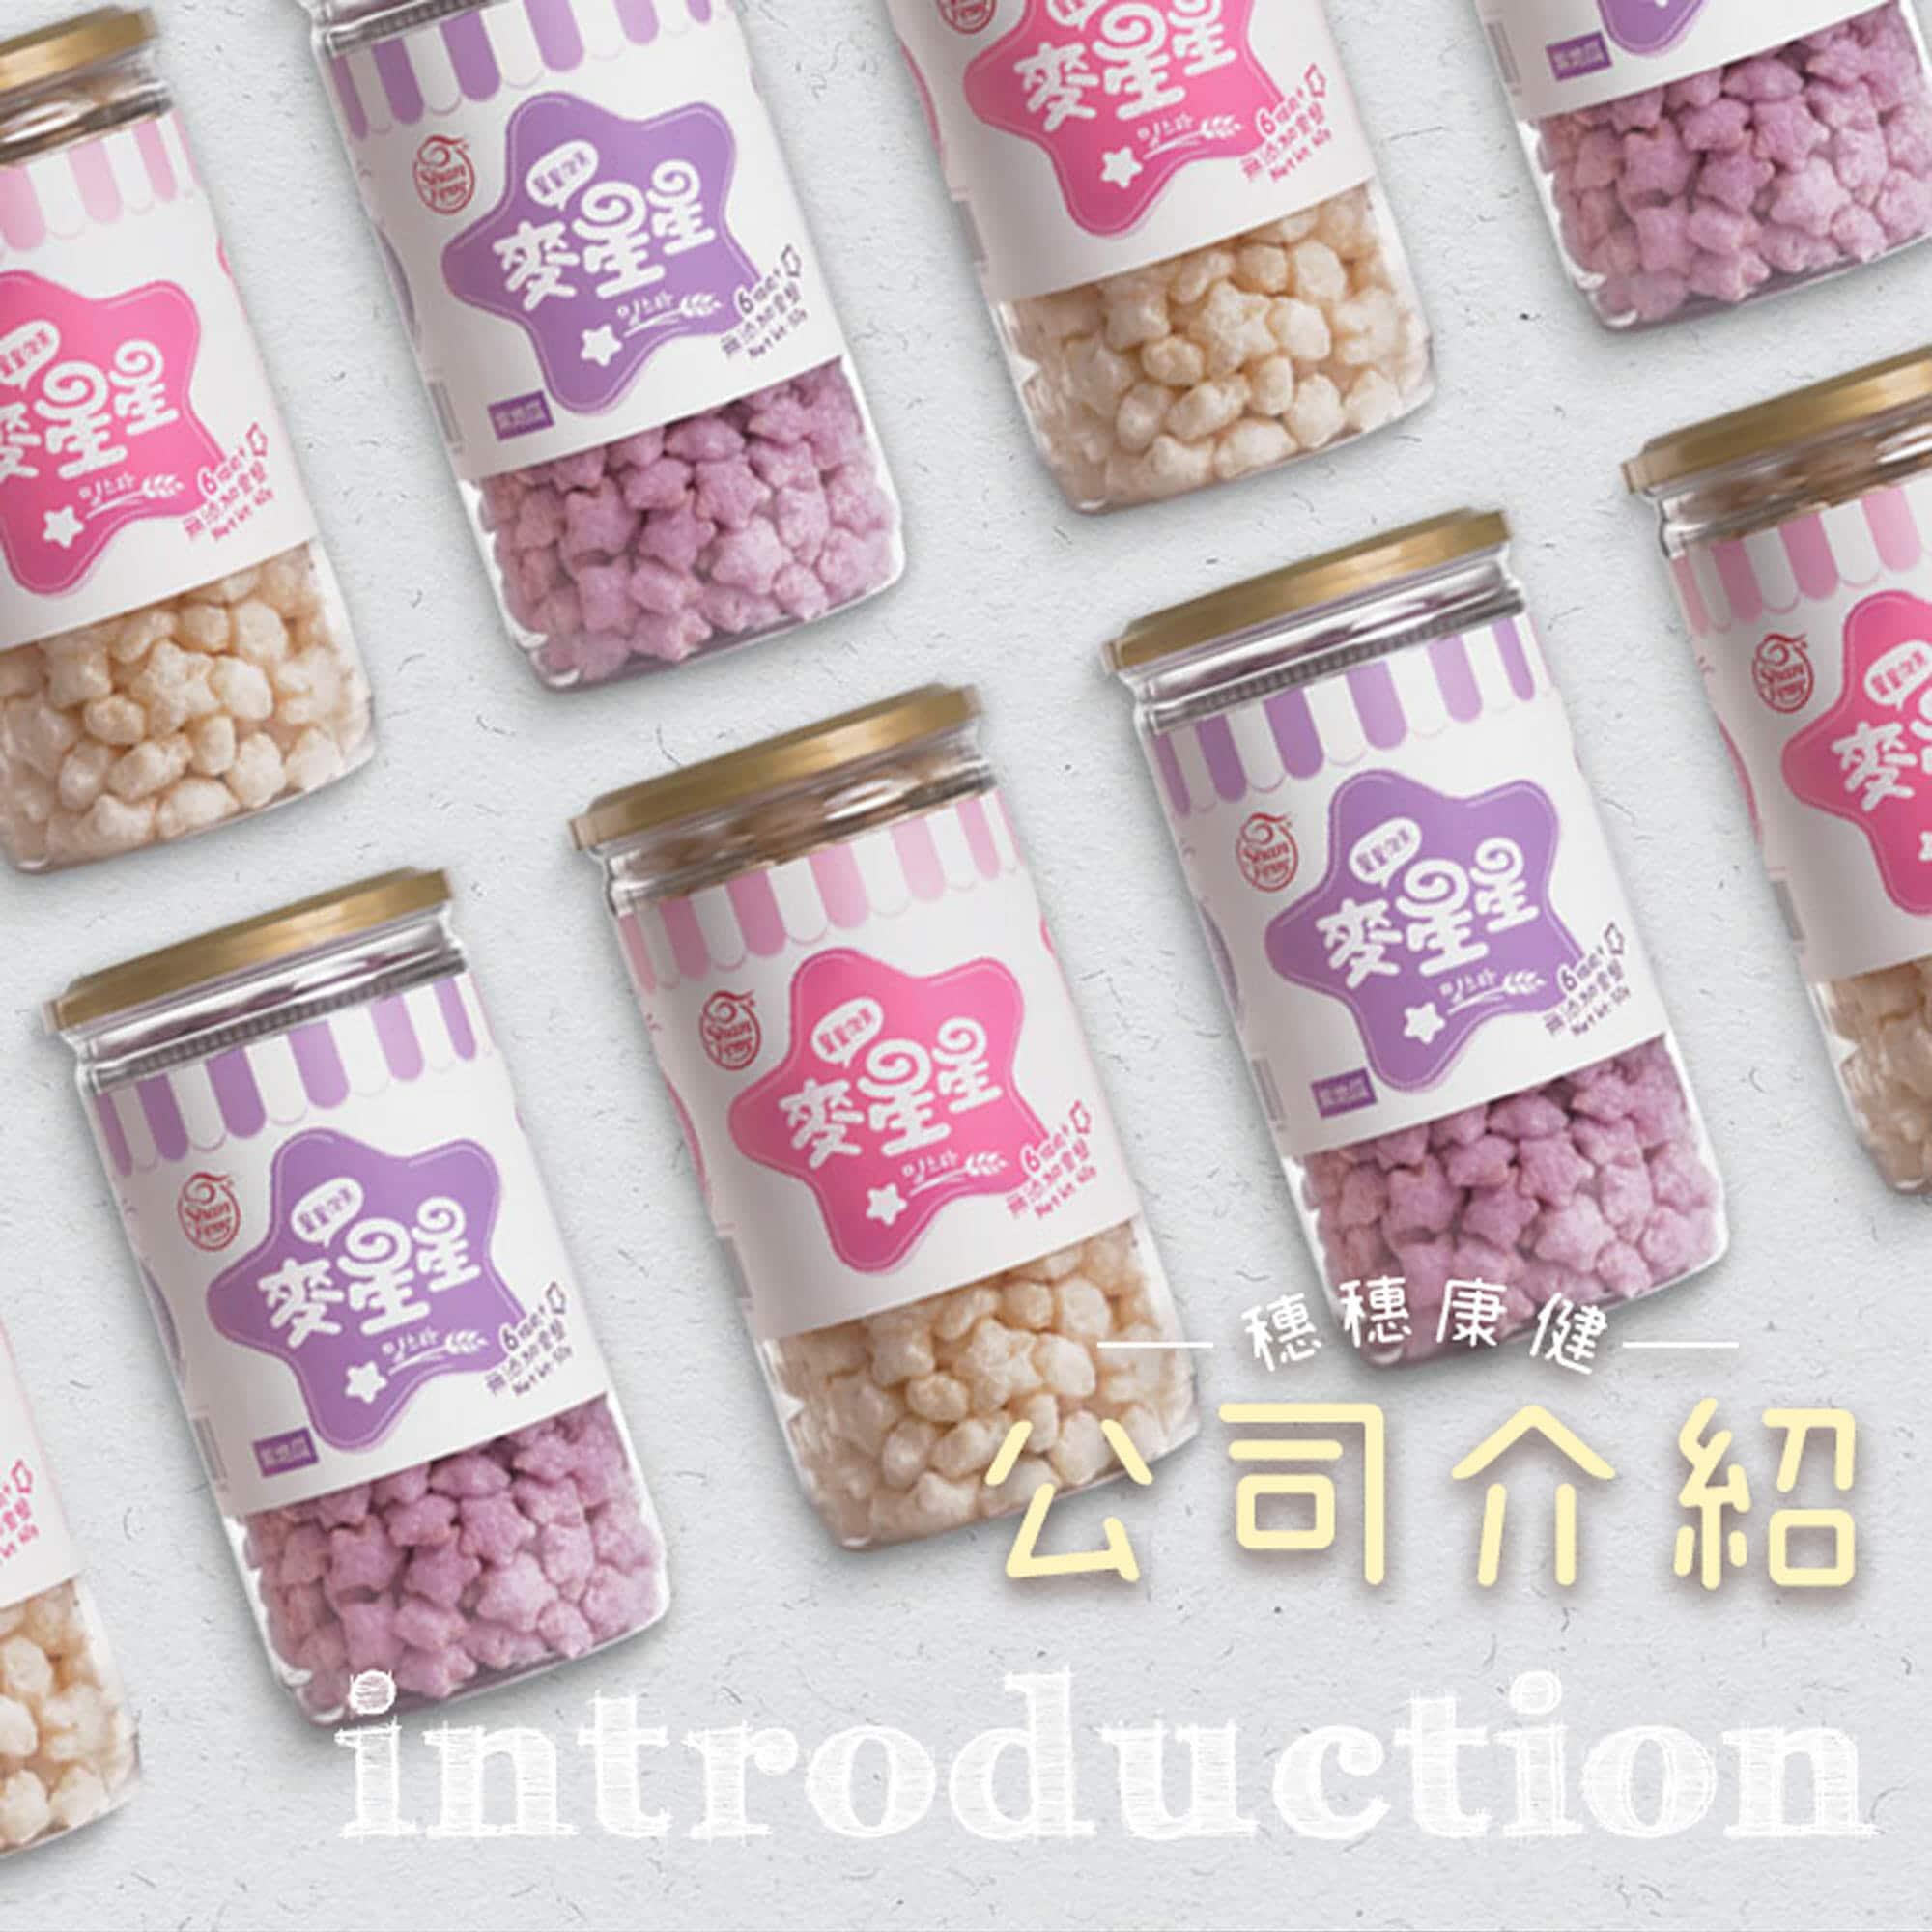 穗穗康健公司介紹